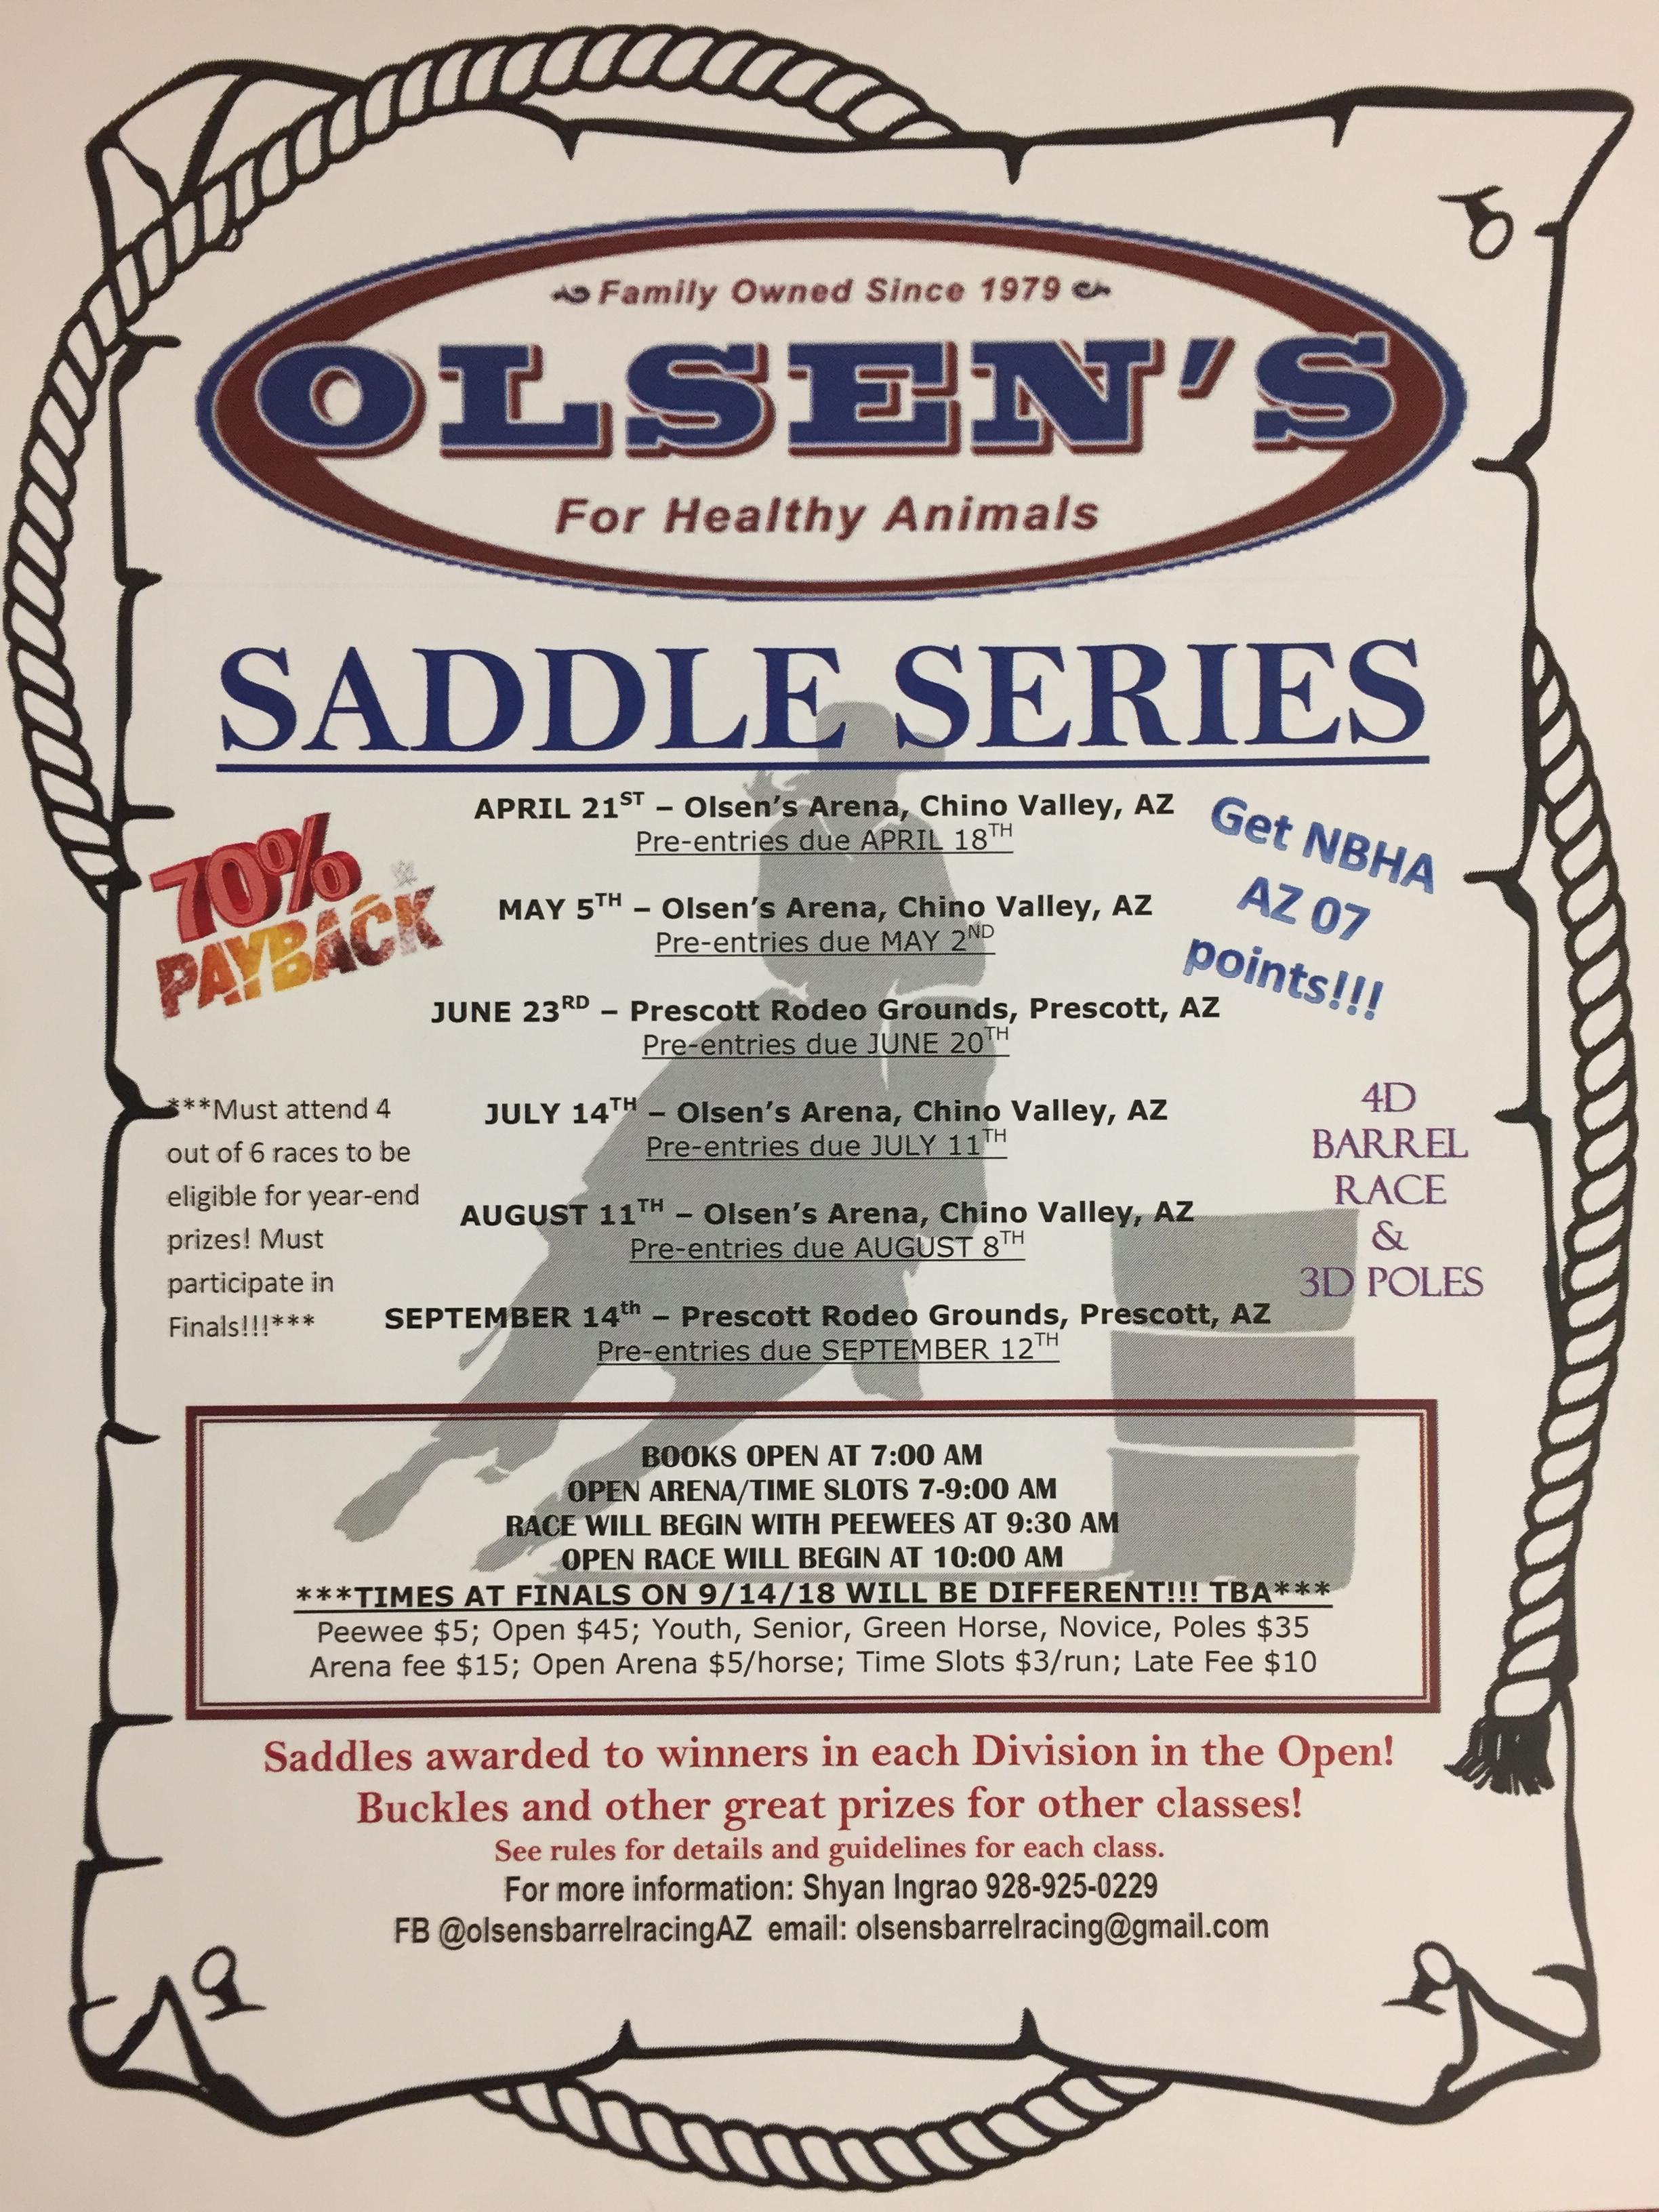 2018 Equifest Saddle Series | Olsen's Grain